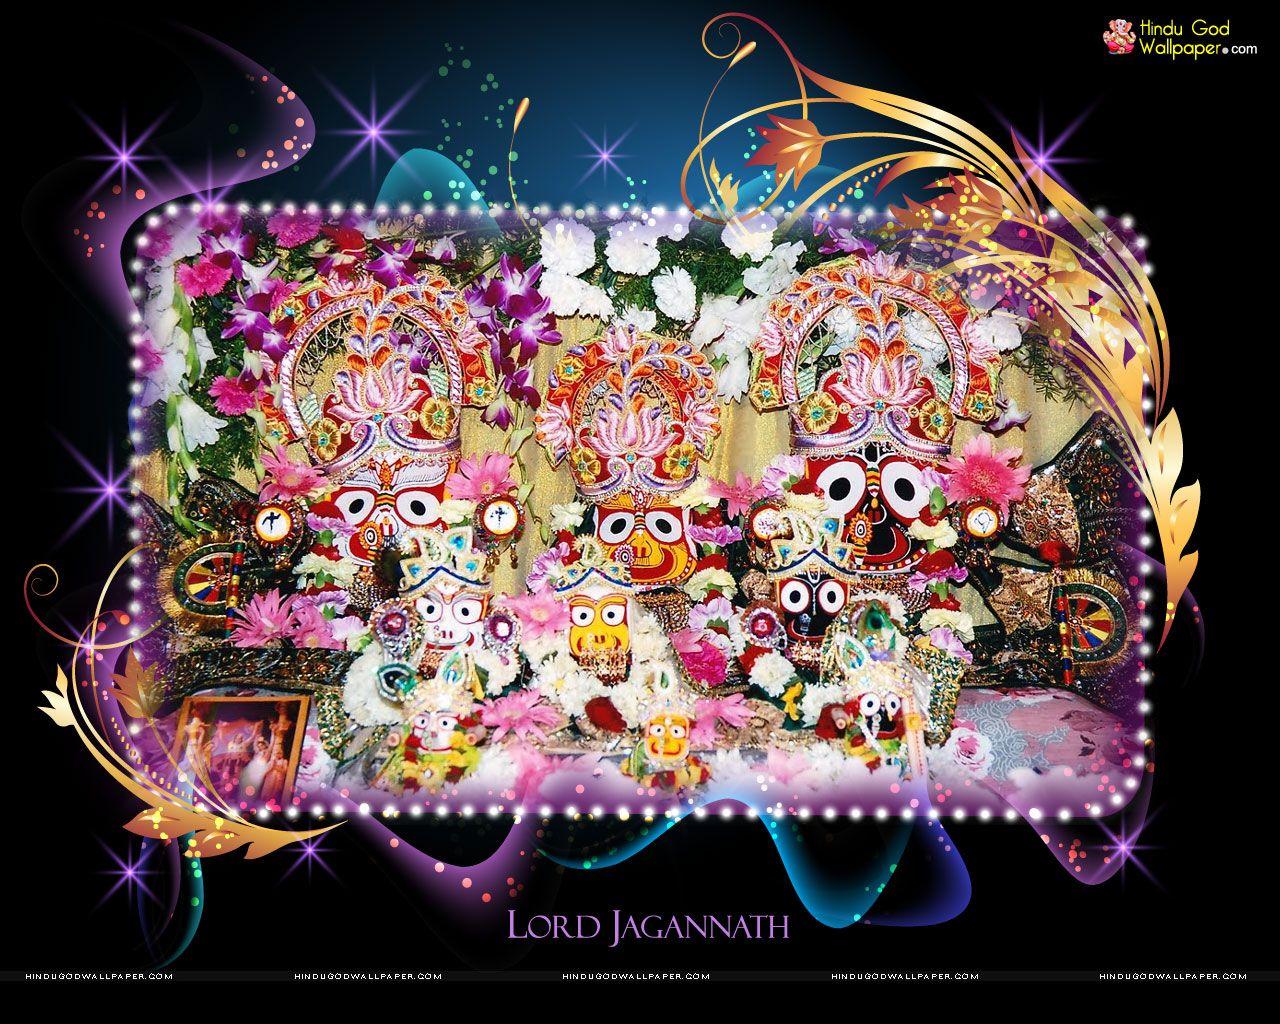 Poori Jagannath Desktop Wallpapers Free Download Lord Jagannath